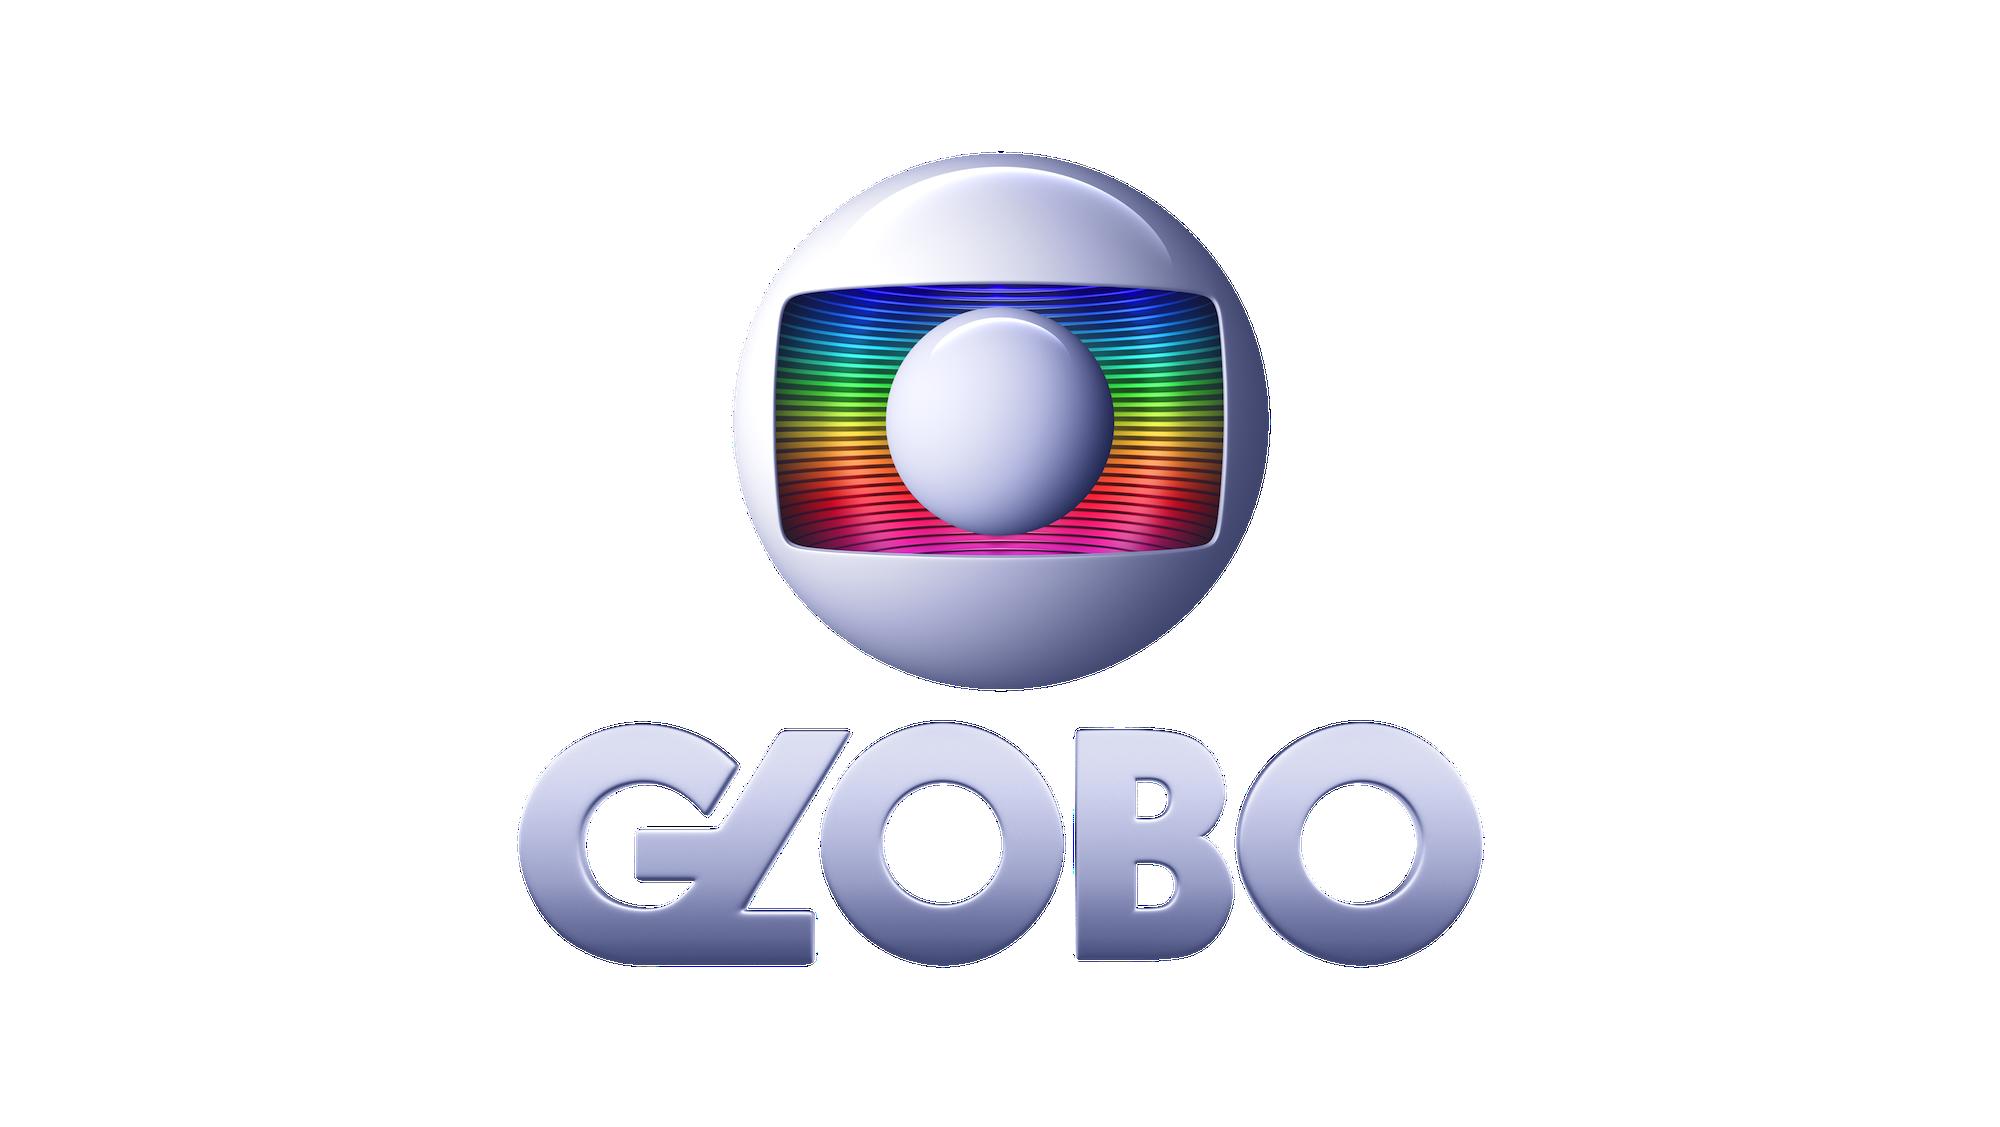 Globo_Globo_3d